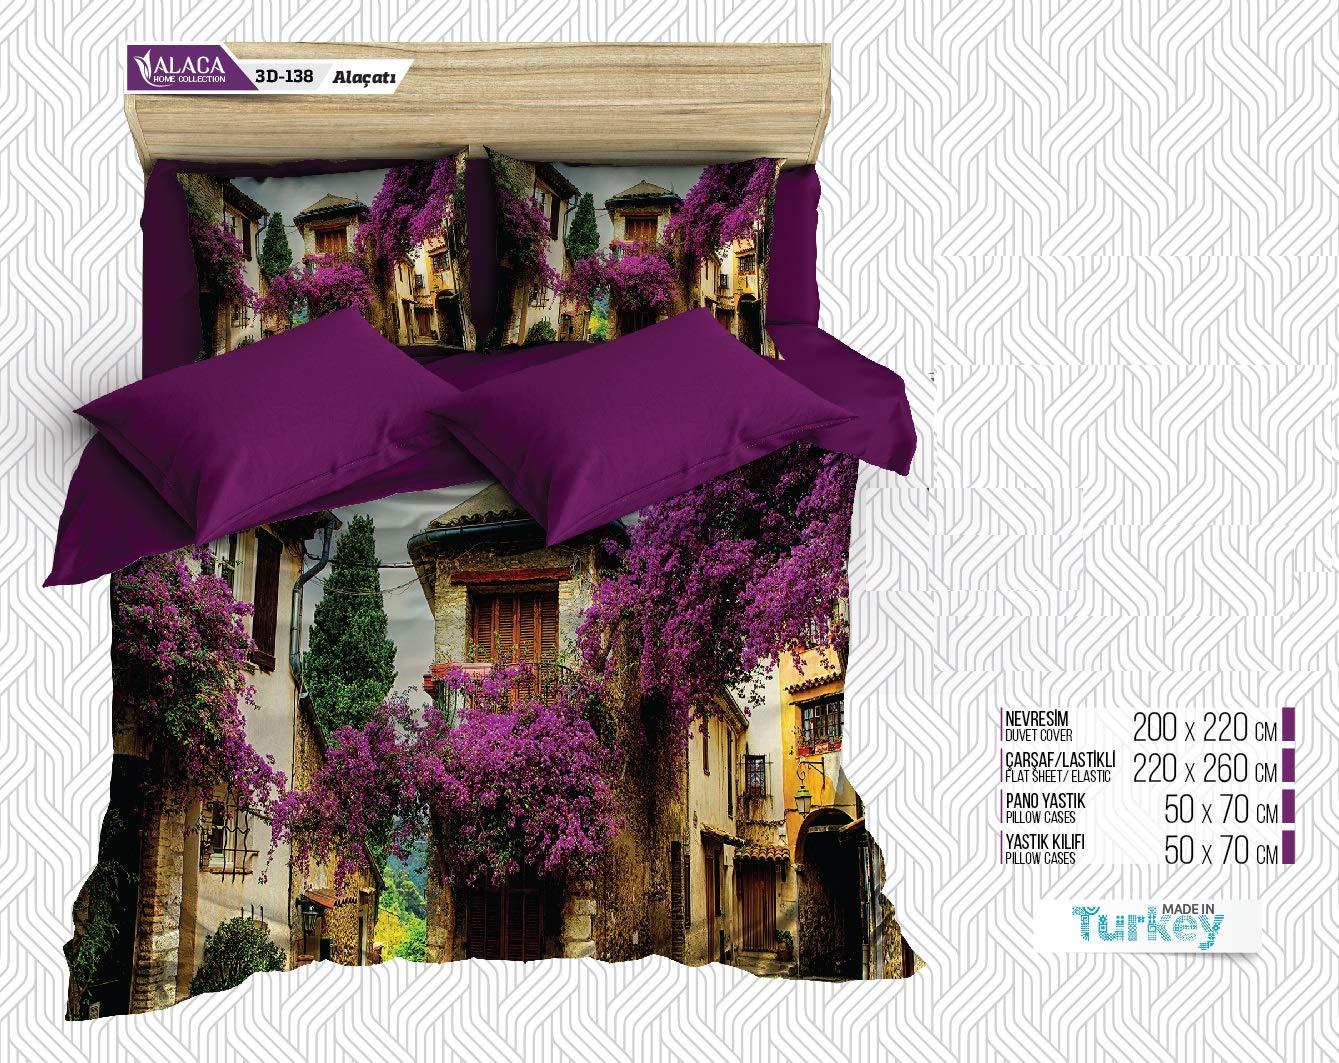 Estilo Linens 6 Piece Turkish Textile Luxury Soft 1800 Series Premium Bed Sheets Set,